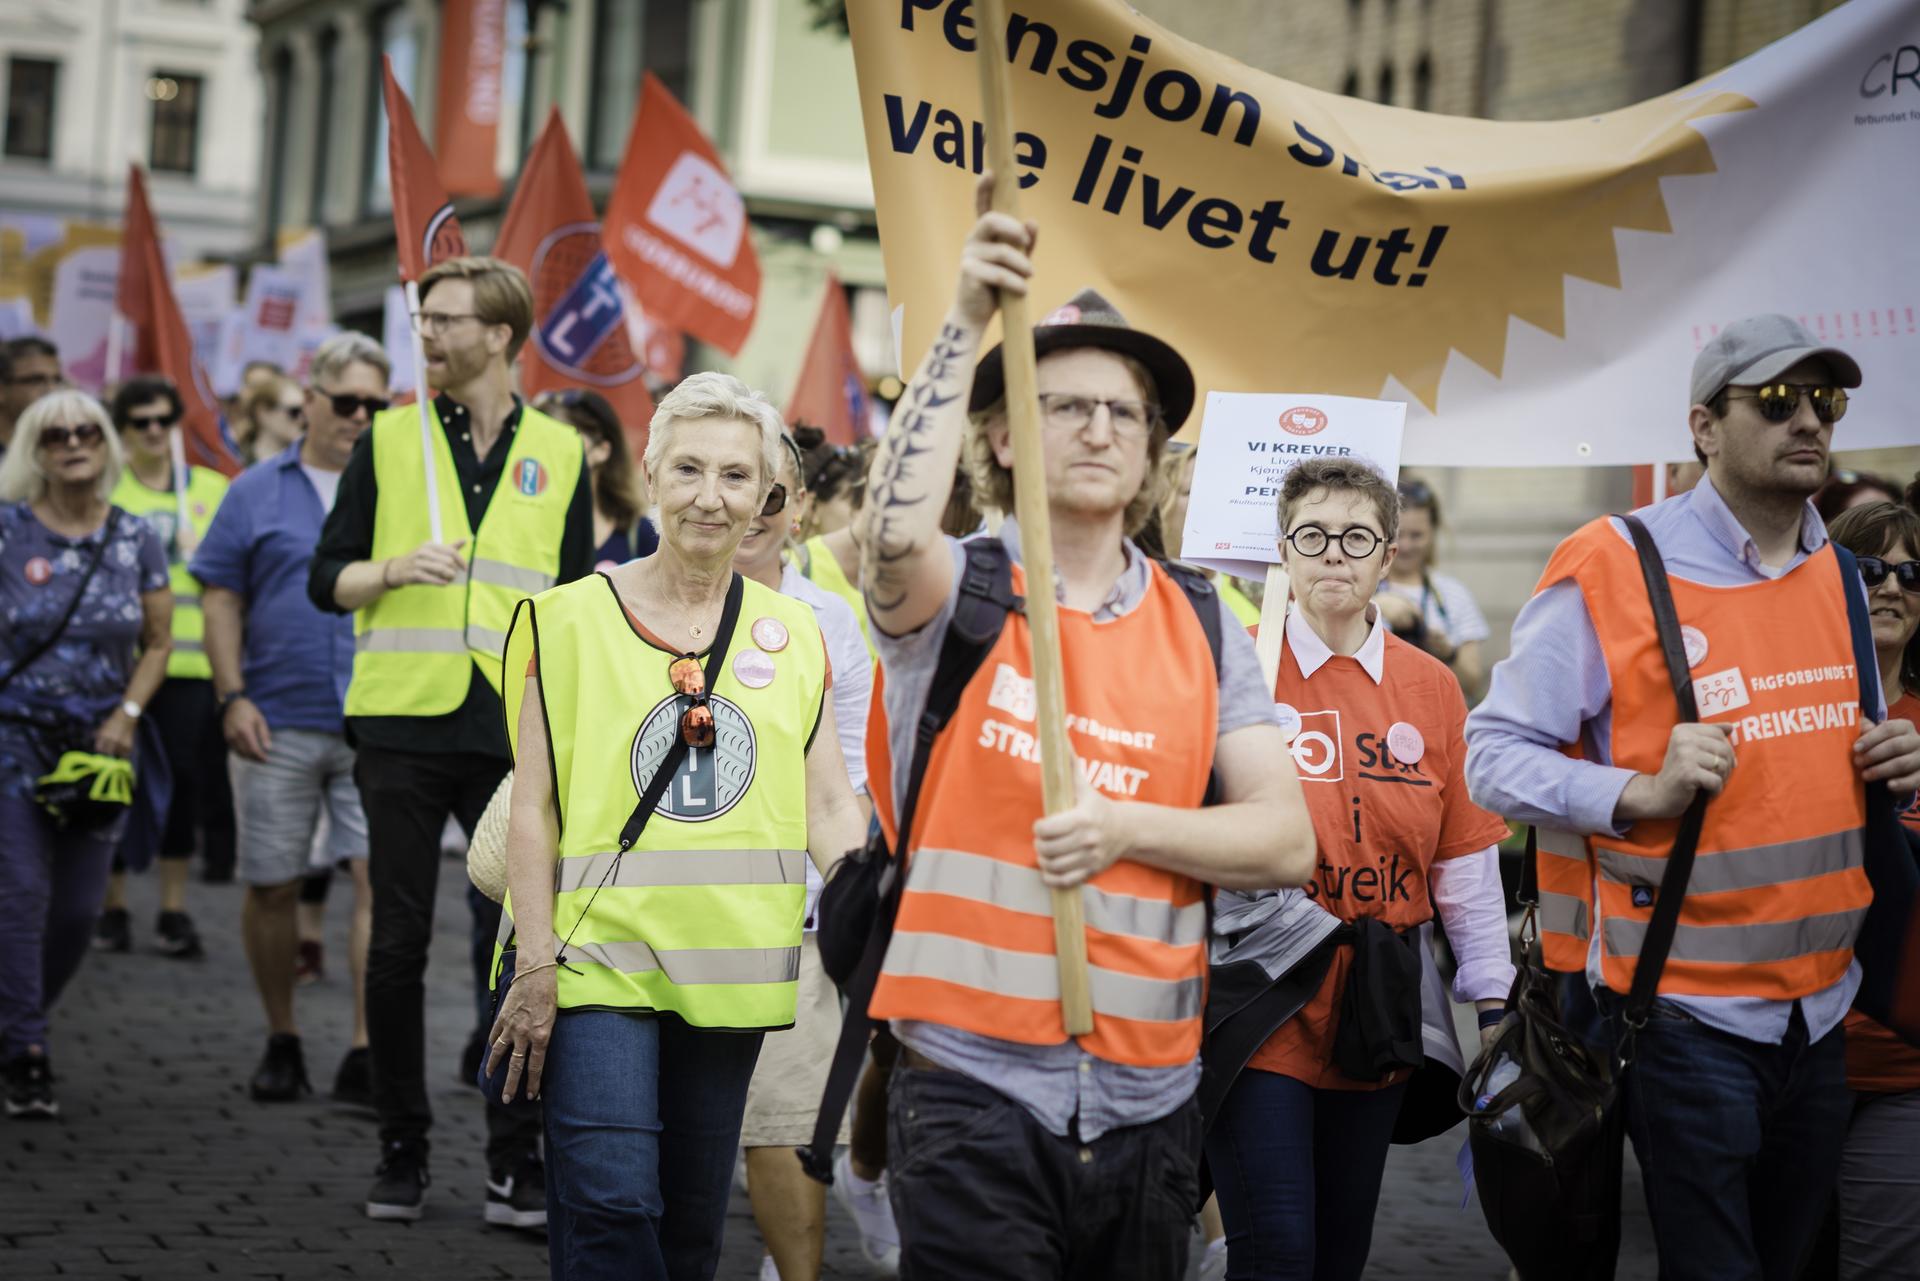 marsj for rettferdig pensjon